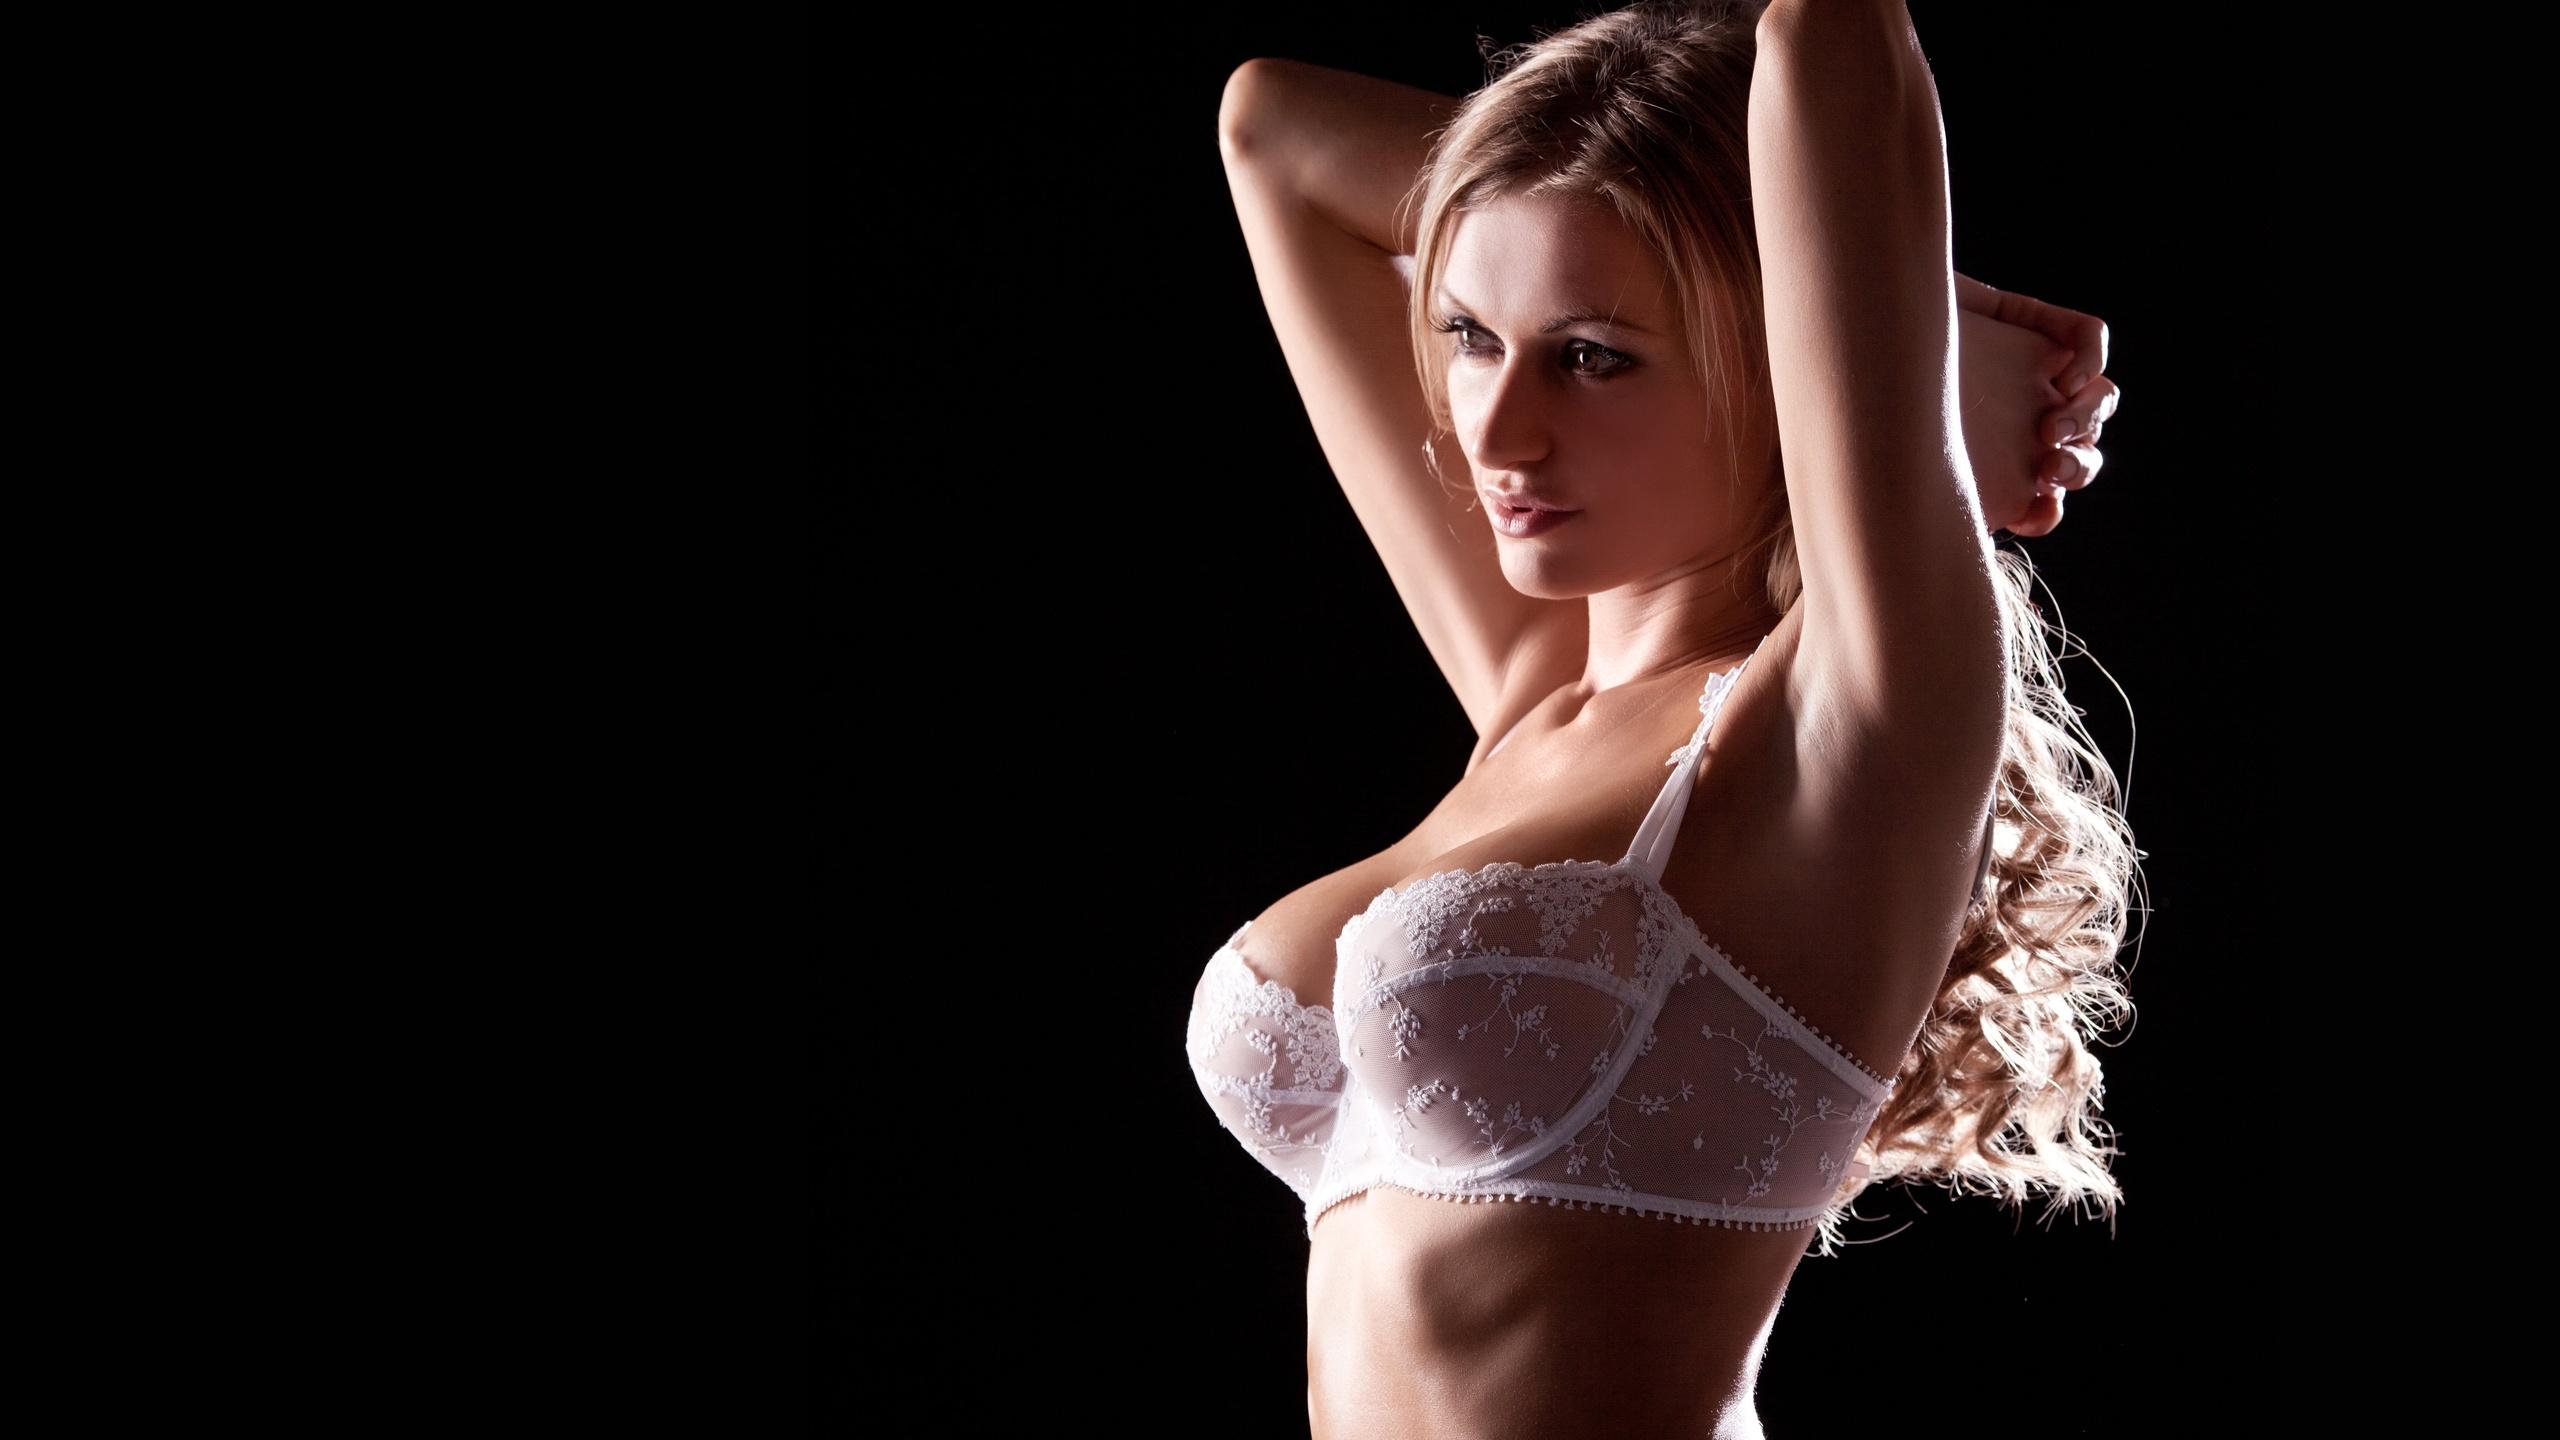 Девушки с красивой грудью в лифчике